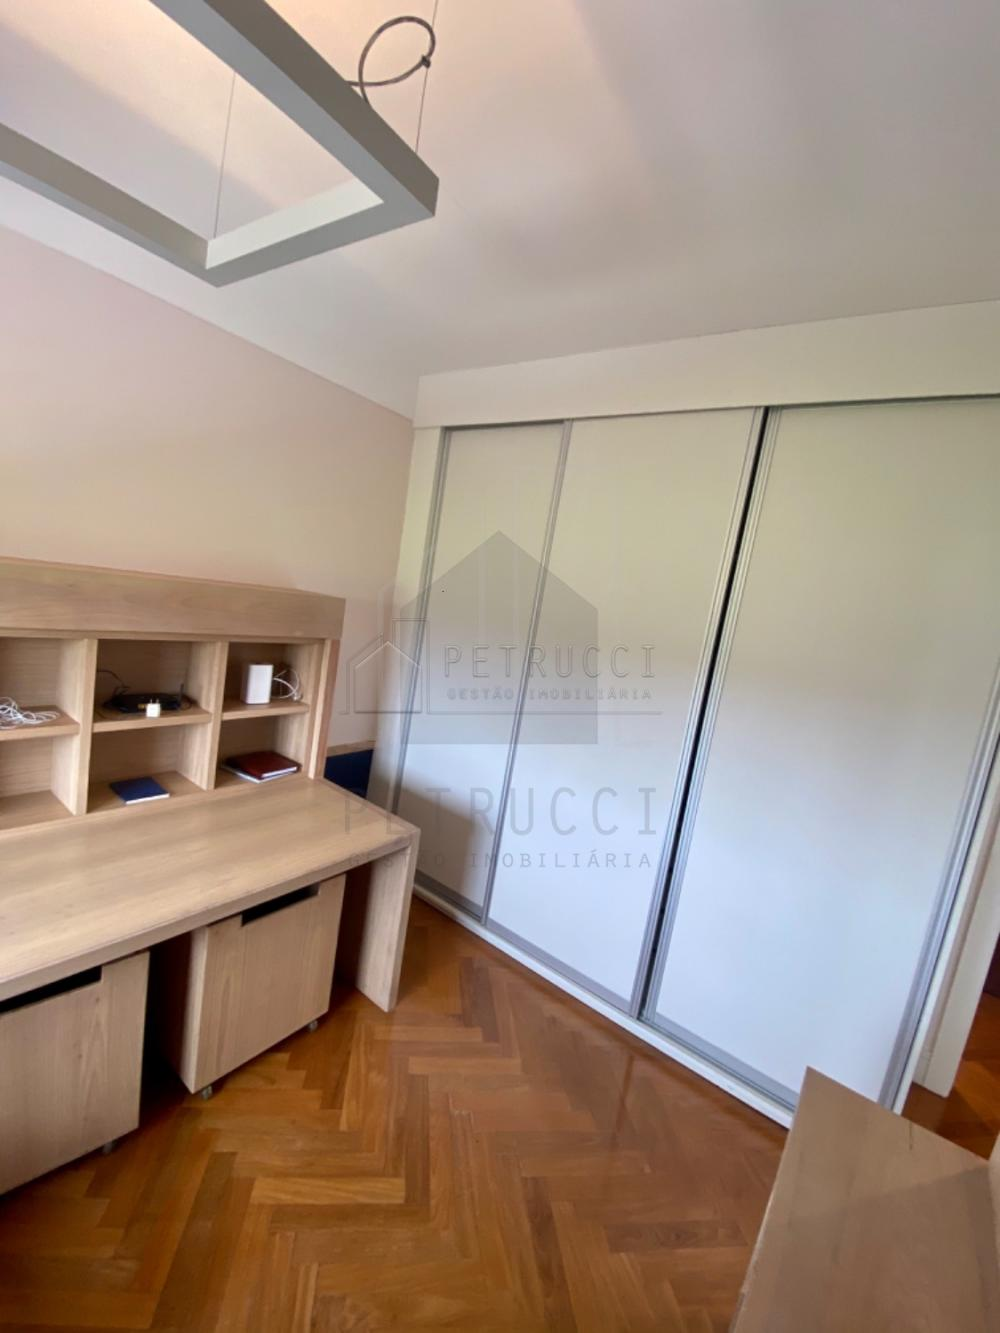 Alugar Apartamento / Padrão em Campinas R$ 14.000,00 - Foto 15